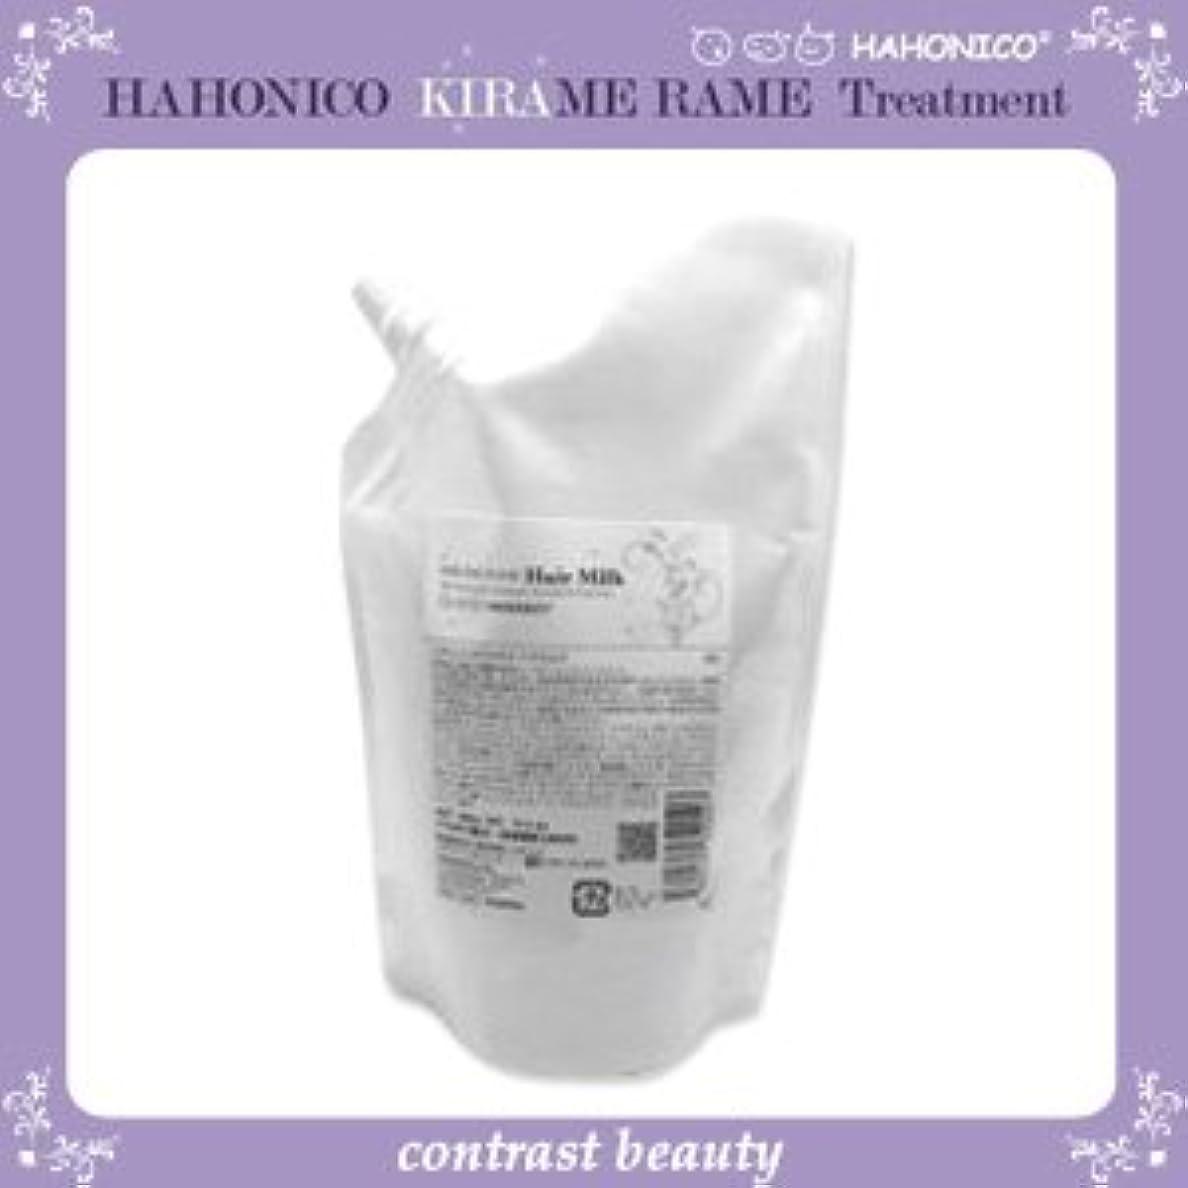 静かな噂の前で【X5個セット】 ハホニコ キラメラメ ヘアミルク 300g KIRAME RAME HAHONICO